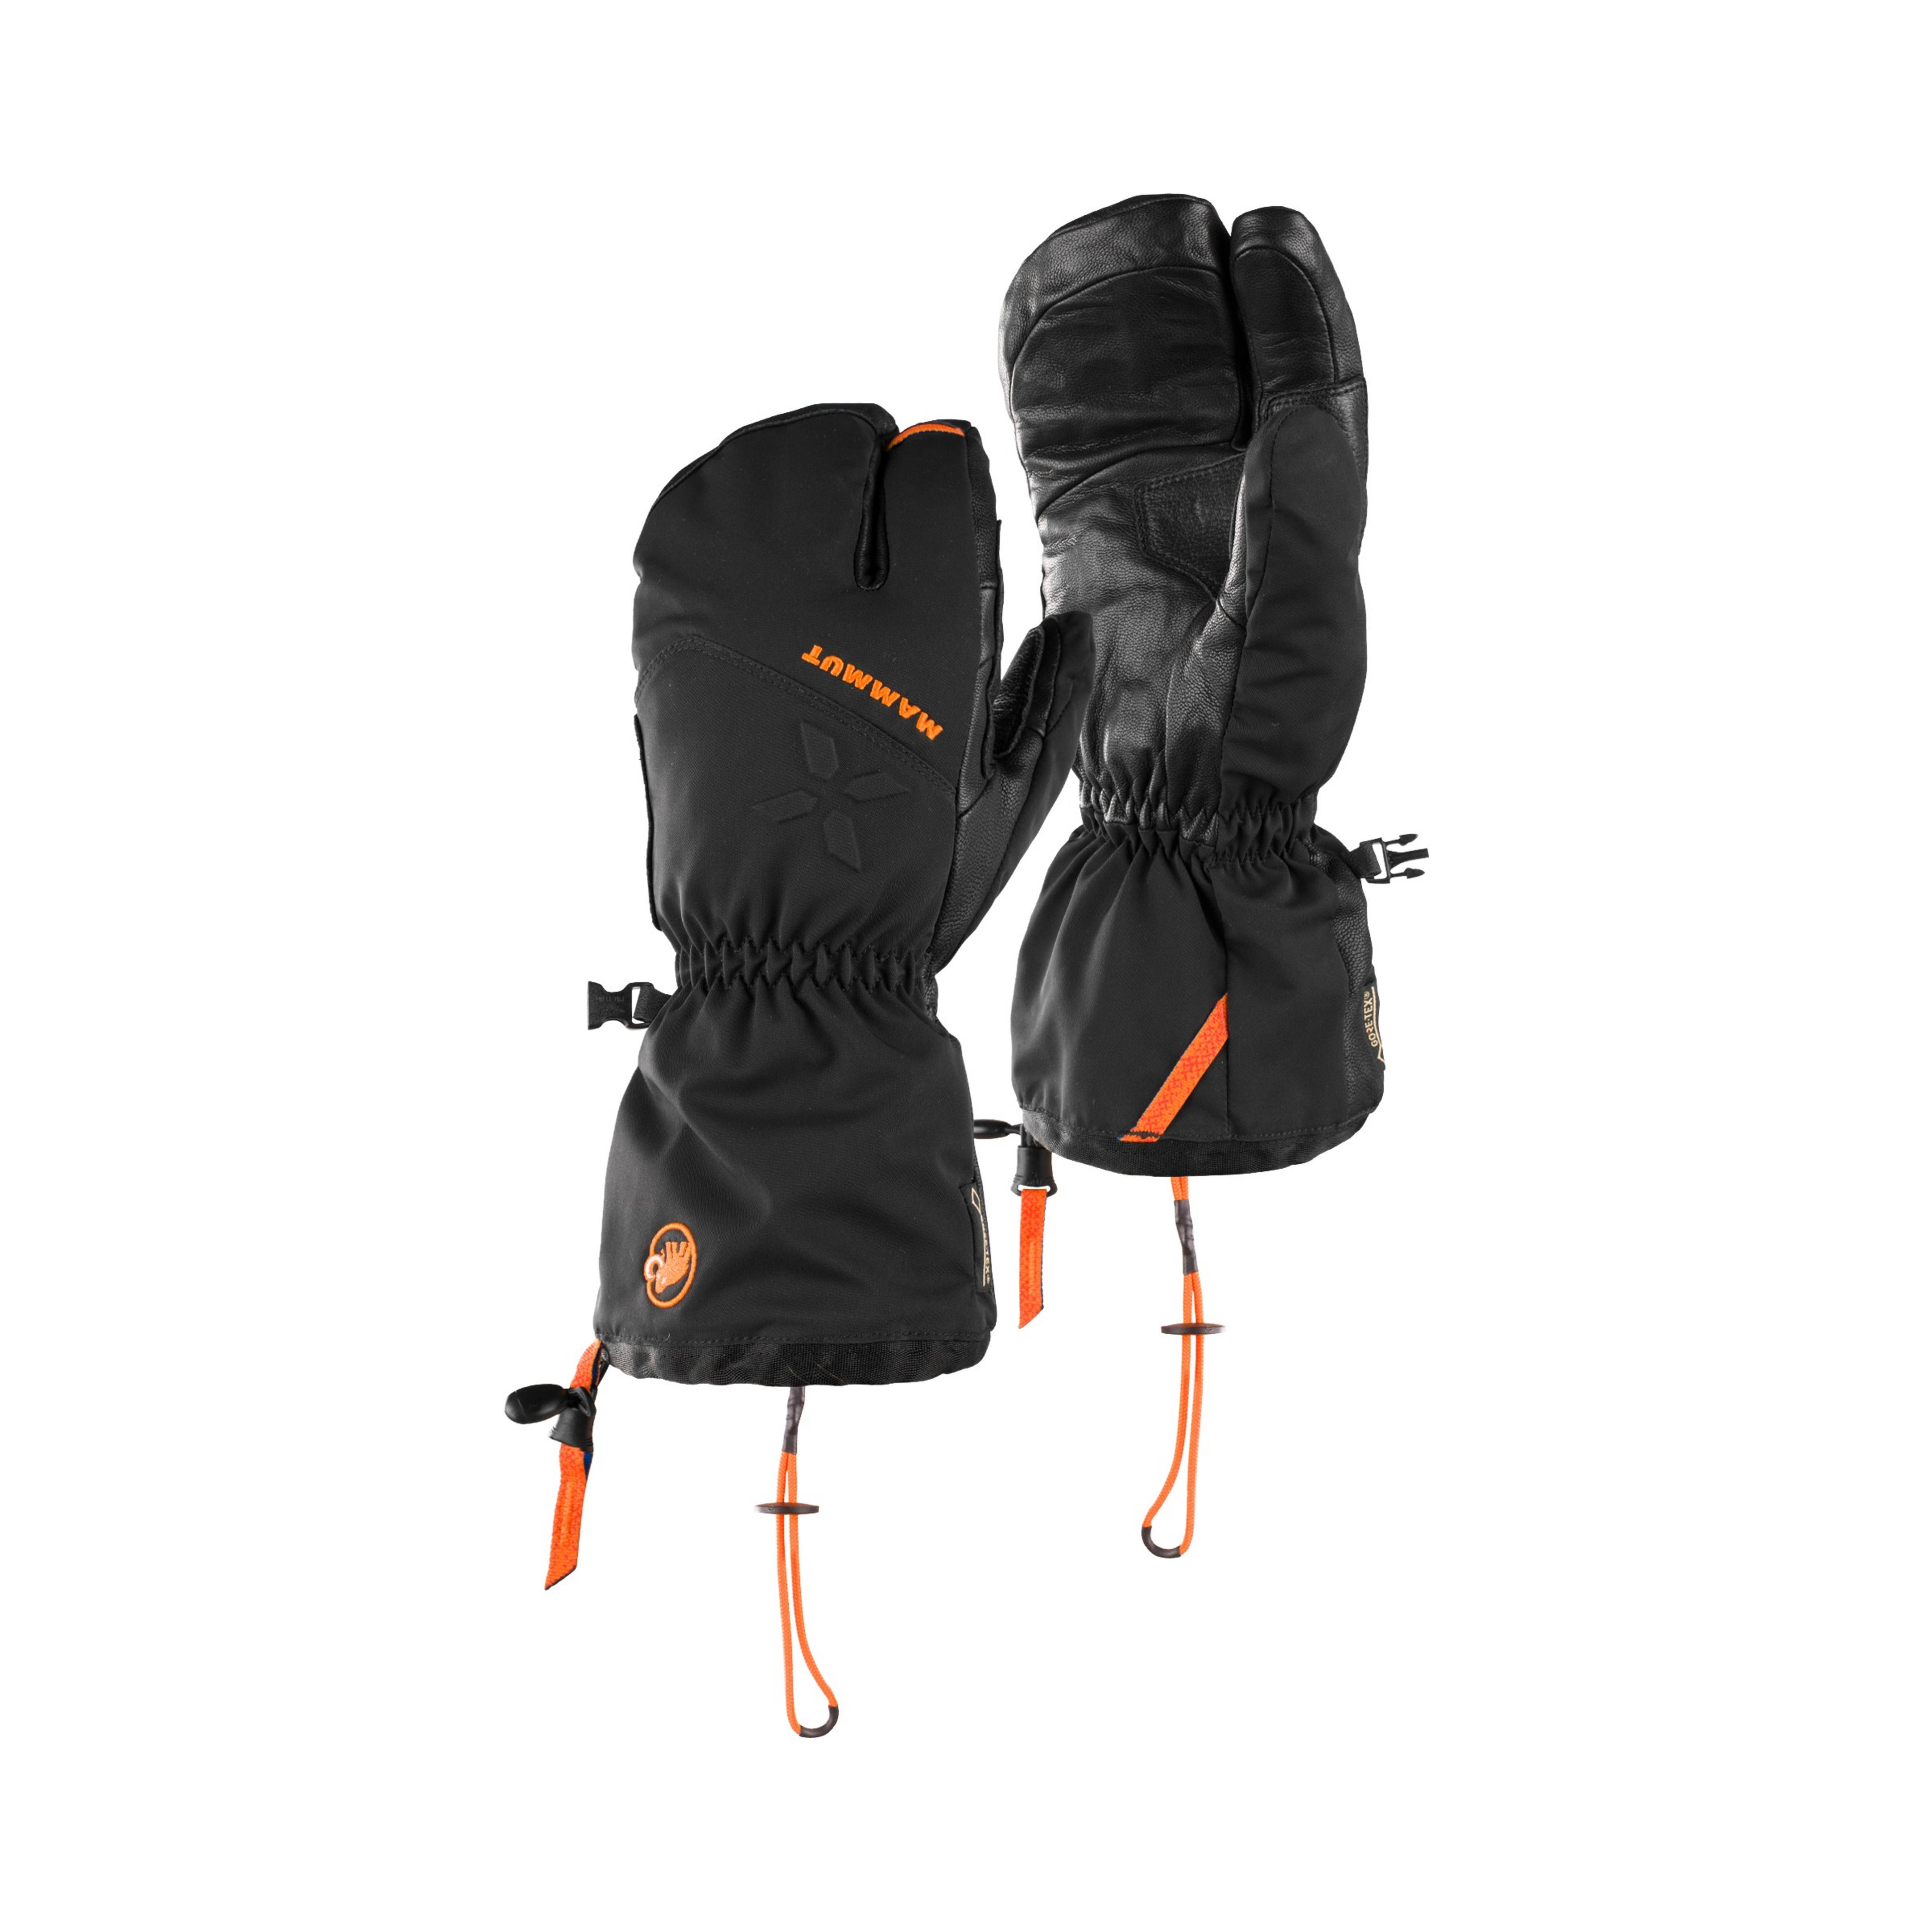 Eigerjoch Pro Glove - 6, black thumbnail